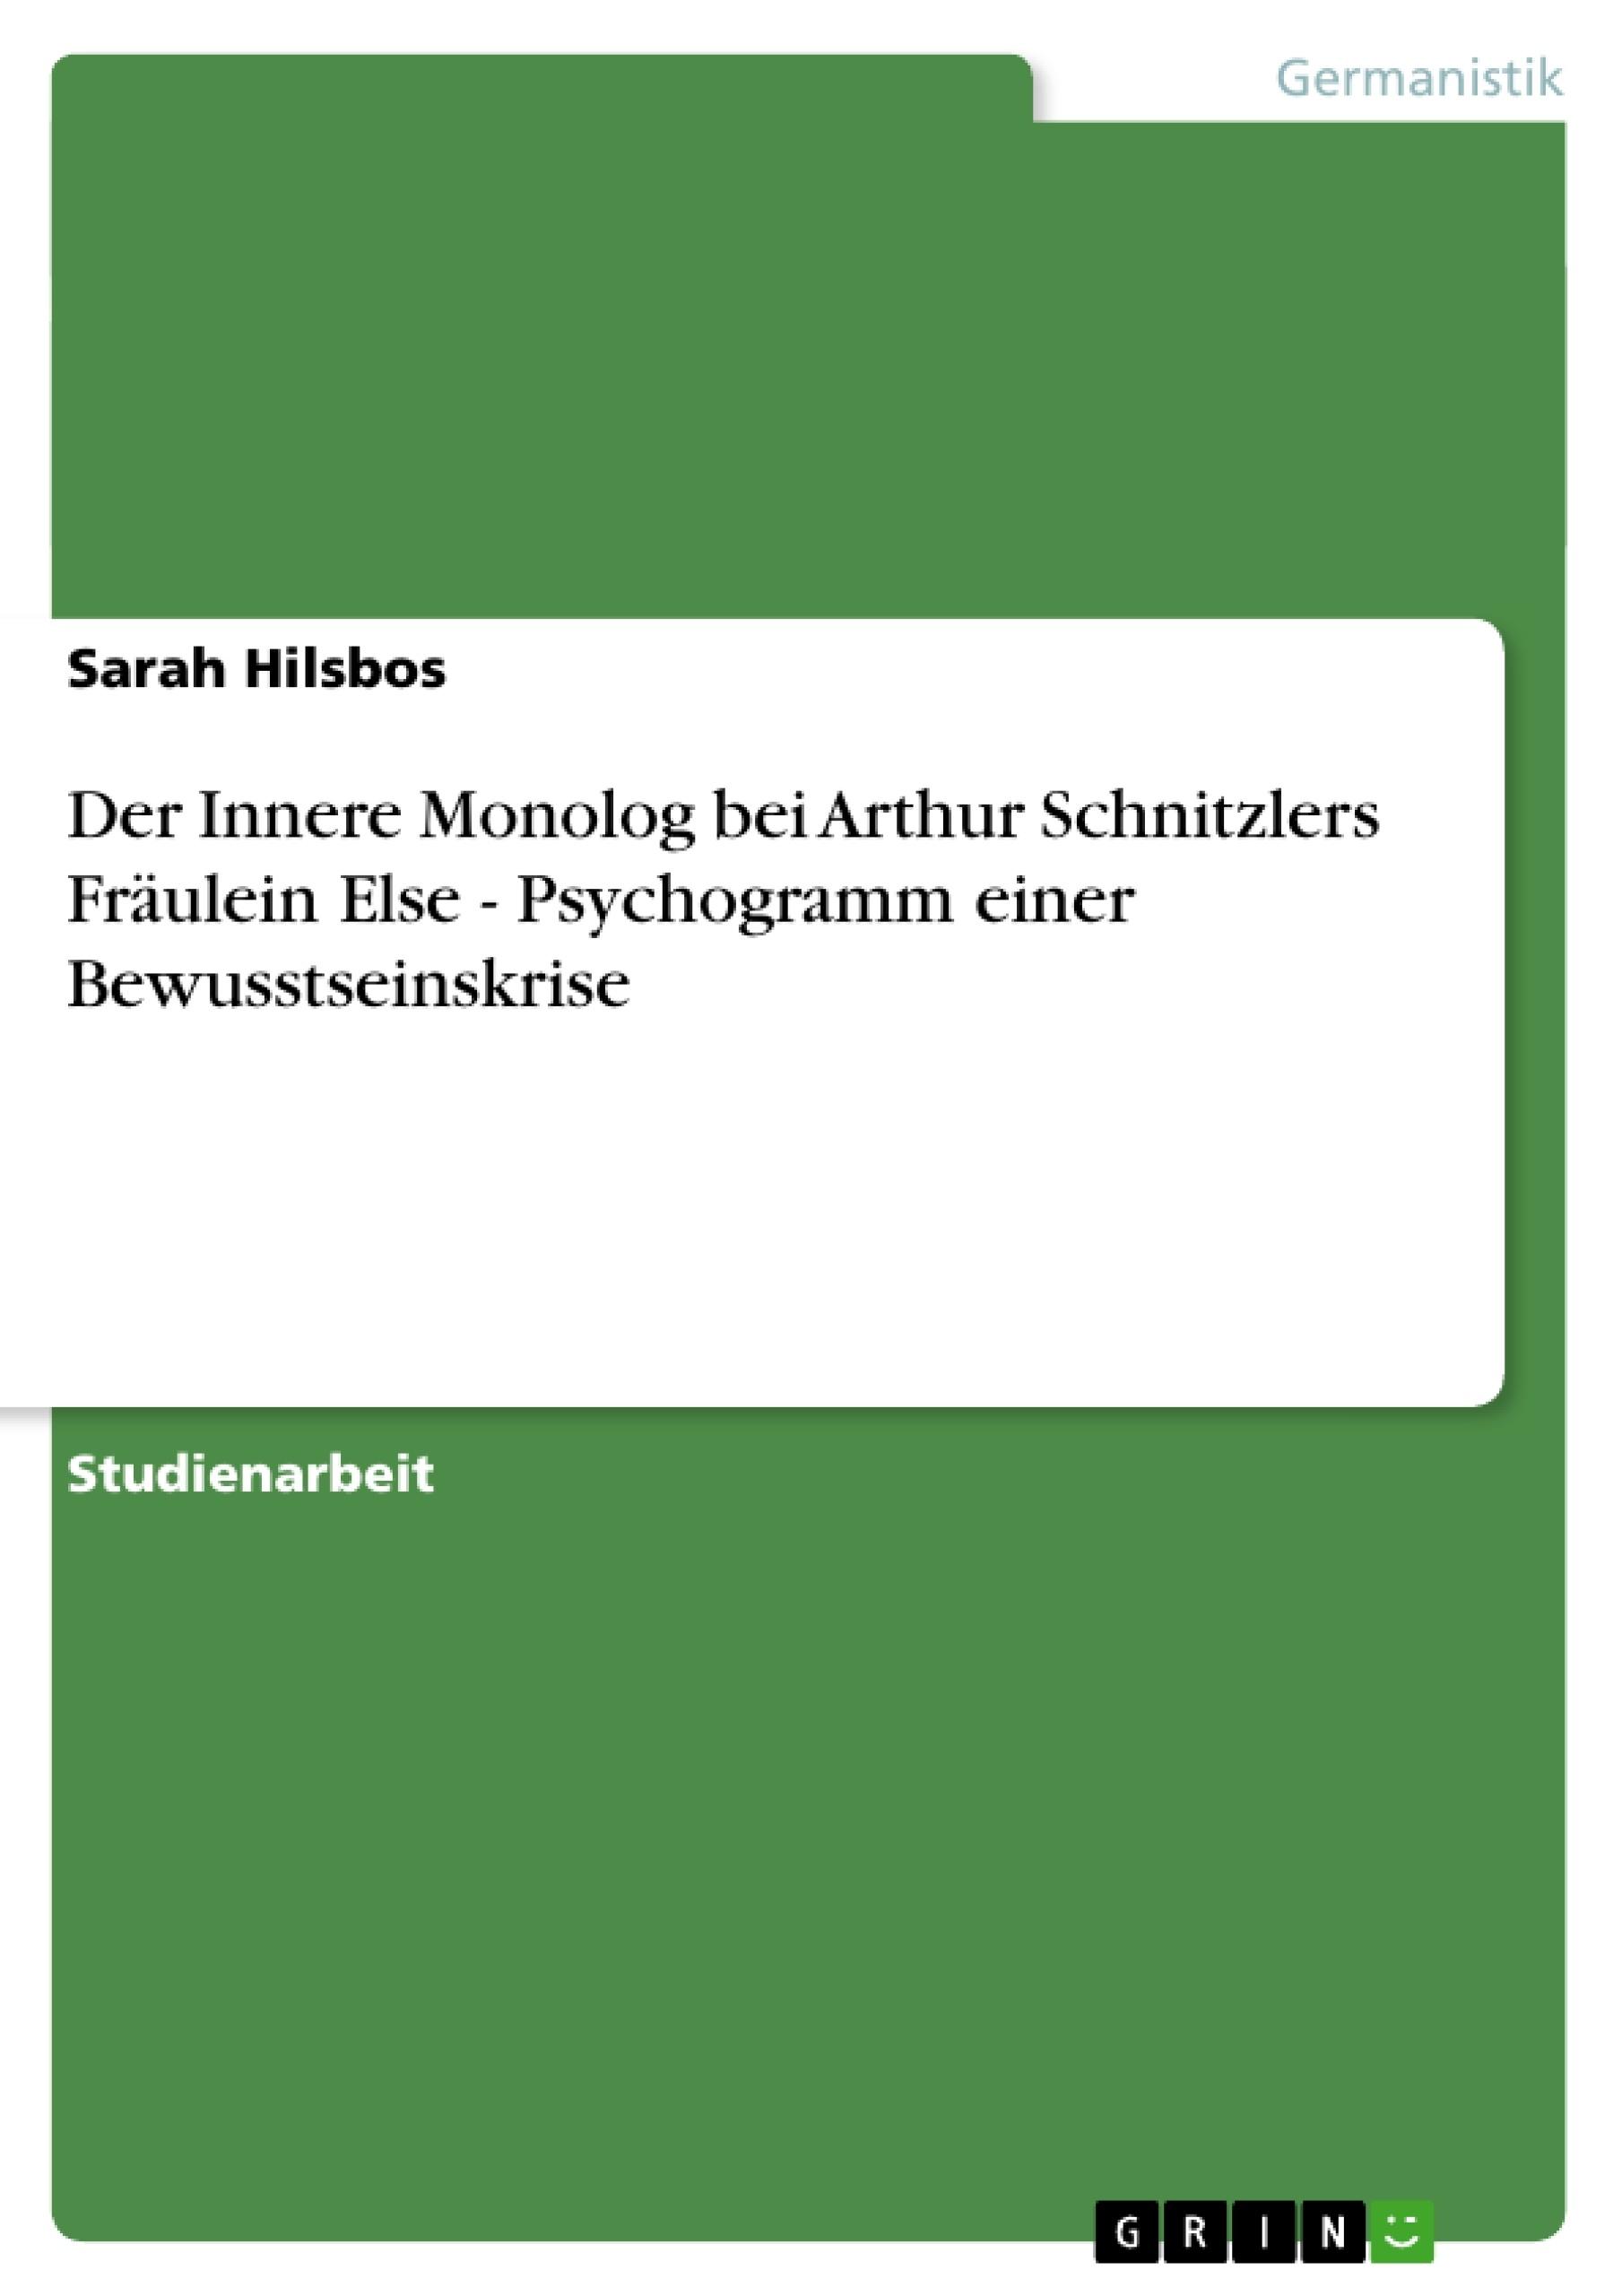 Titel: Der Innere Monolog bei Arthur Schnitzlers Fräulein Else - Psychogramm einer Bewusstseinskrise